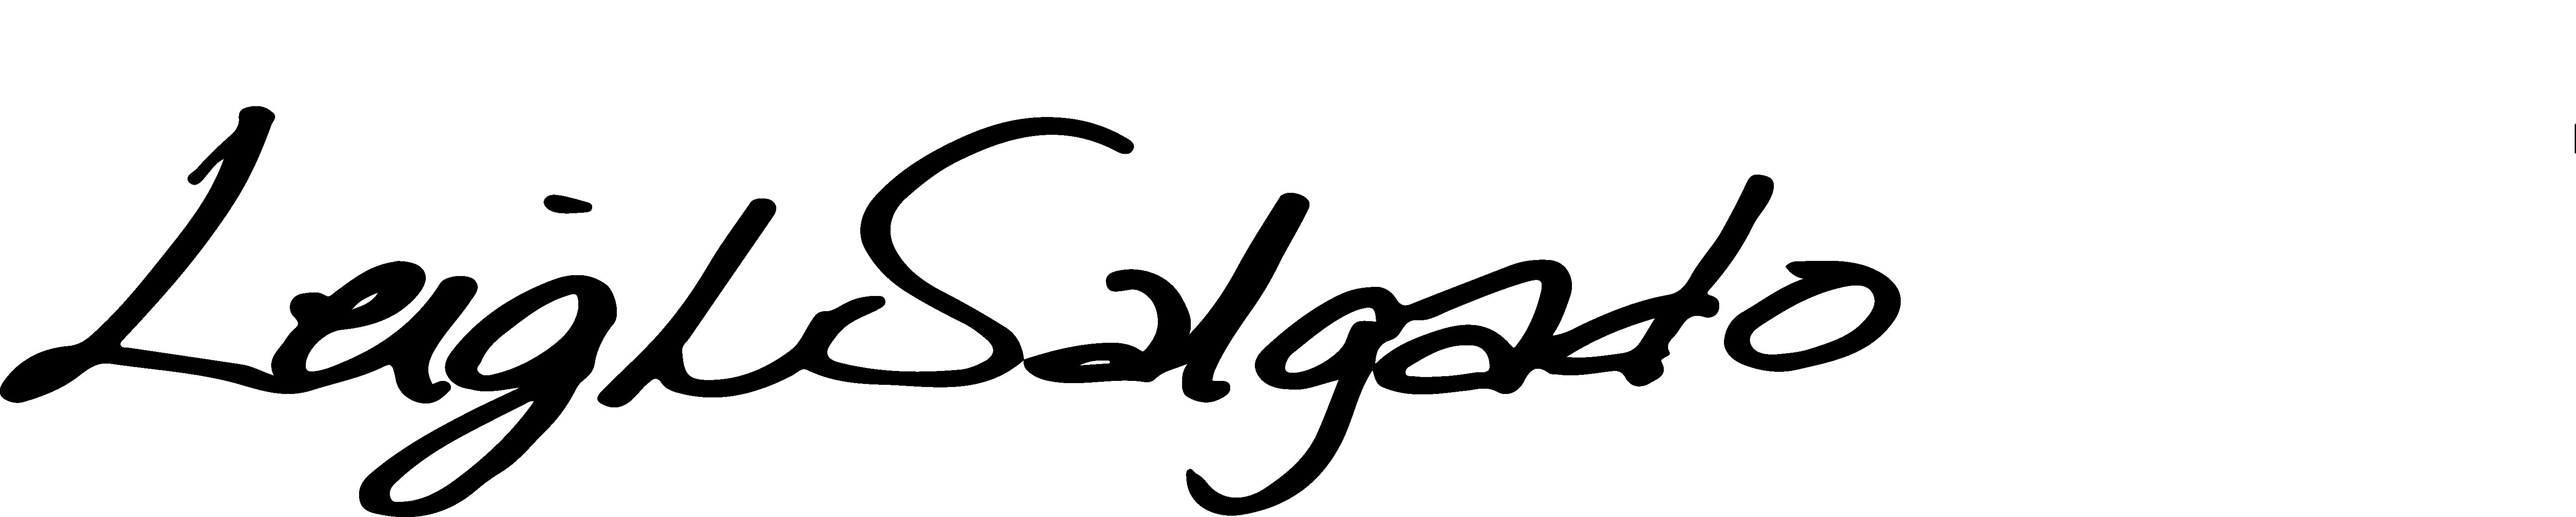 Leigh Salgado's Signature